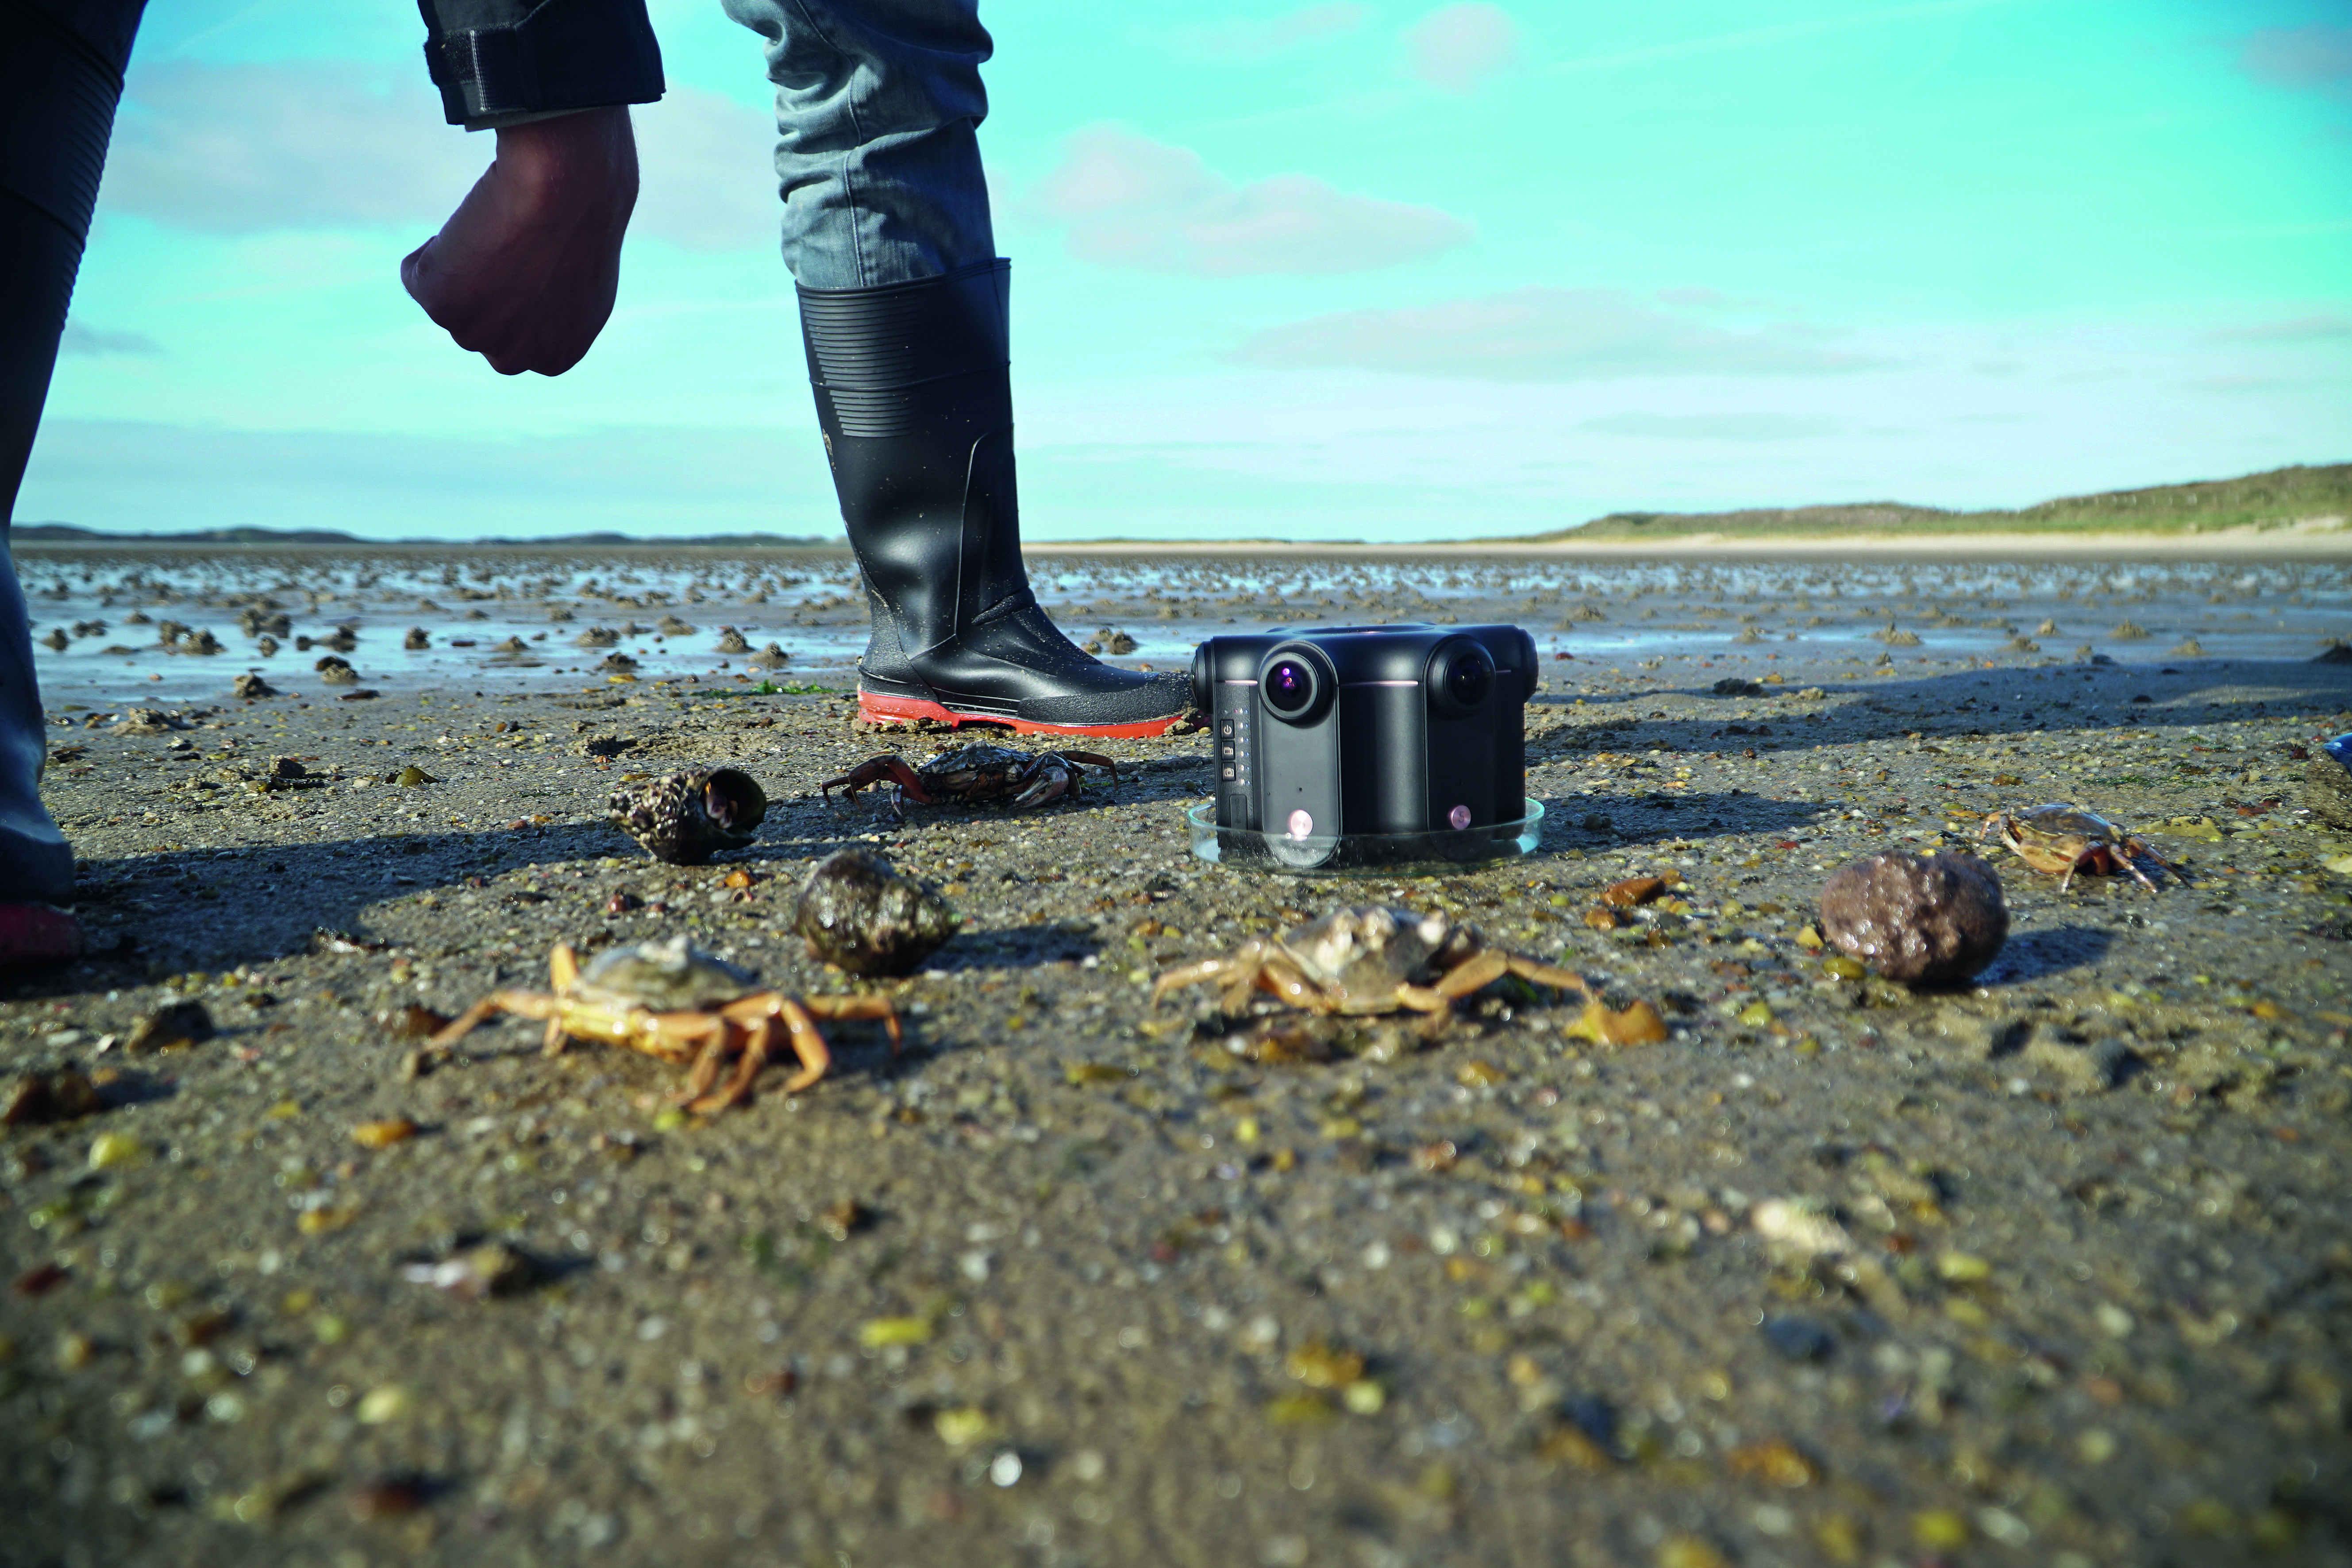 Foto: 360-Grad-Kamera: TVN dreht für die Naturgewalten Sylt.